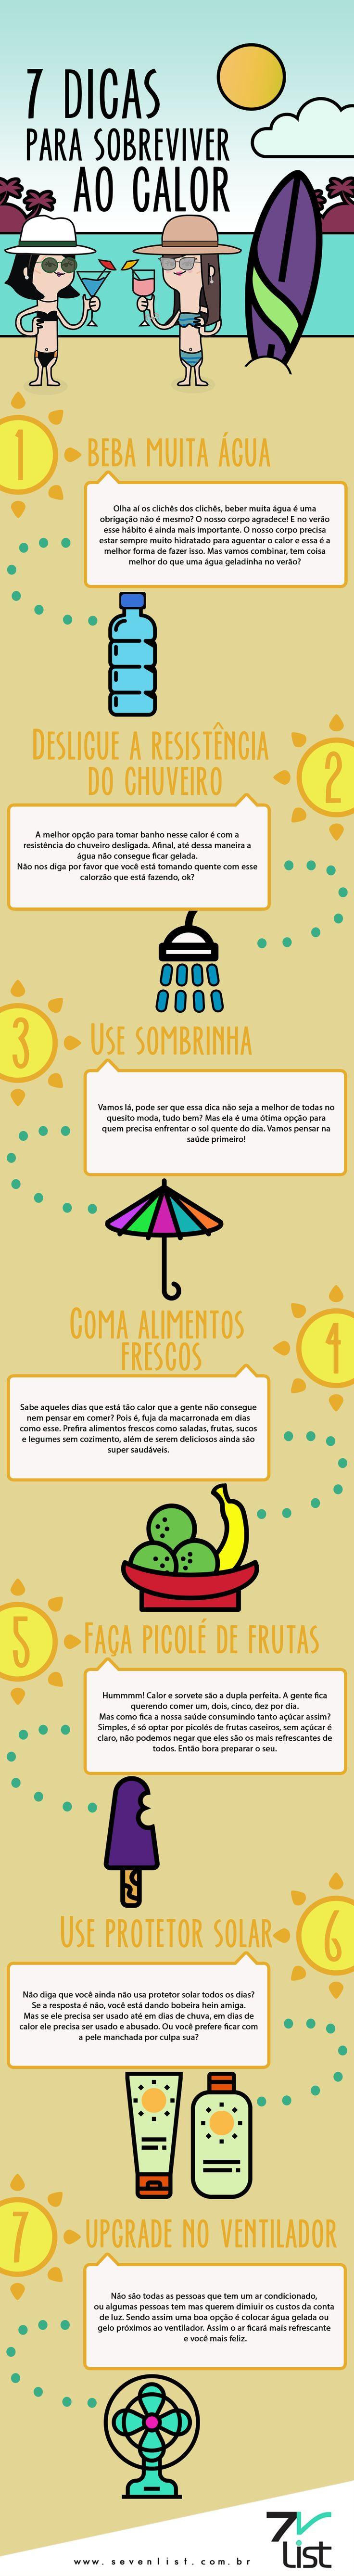 7 dicas para sobreviver ao calor